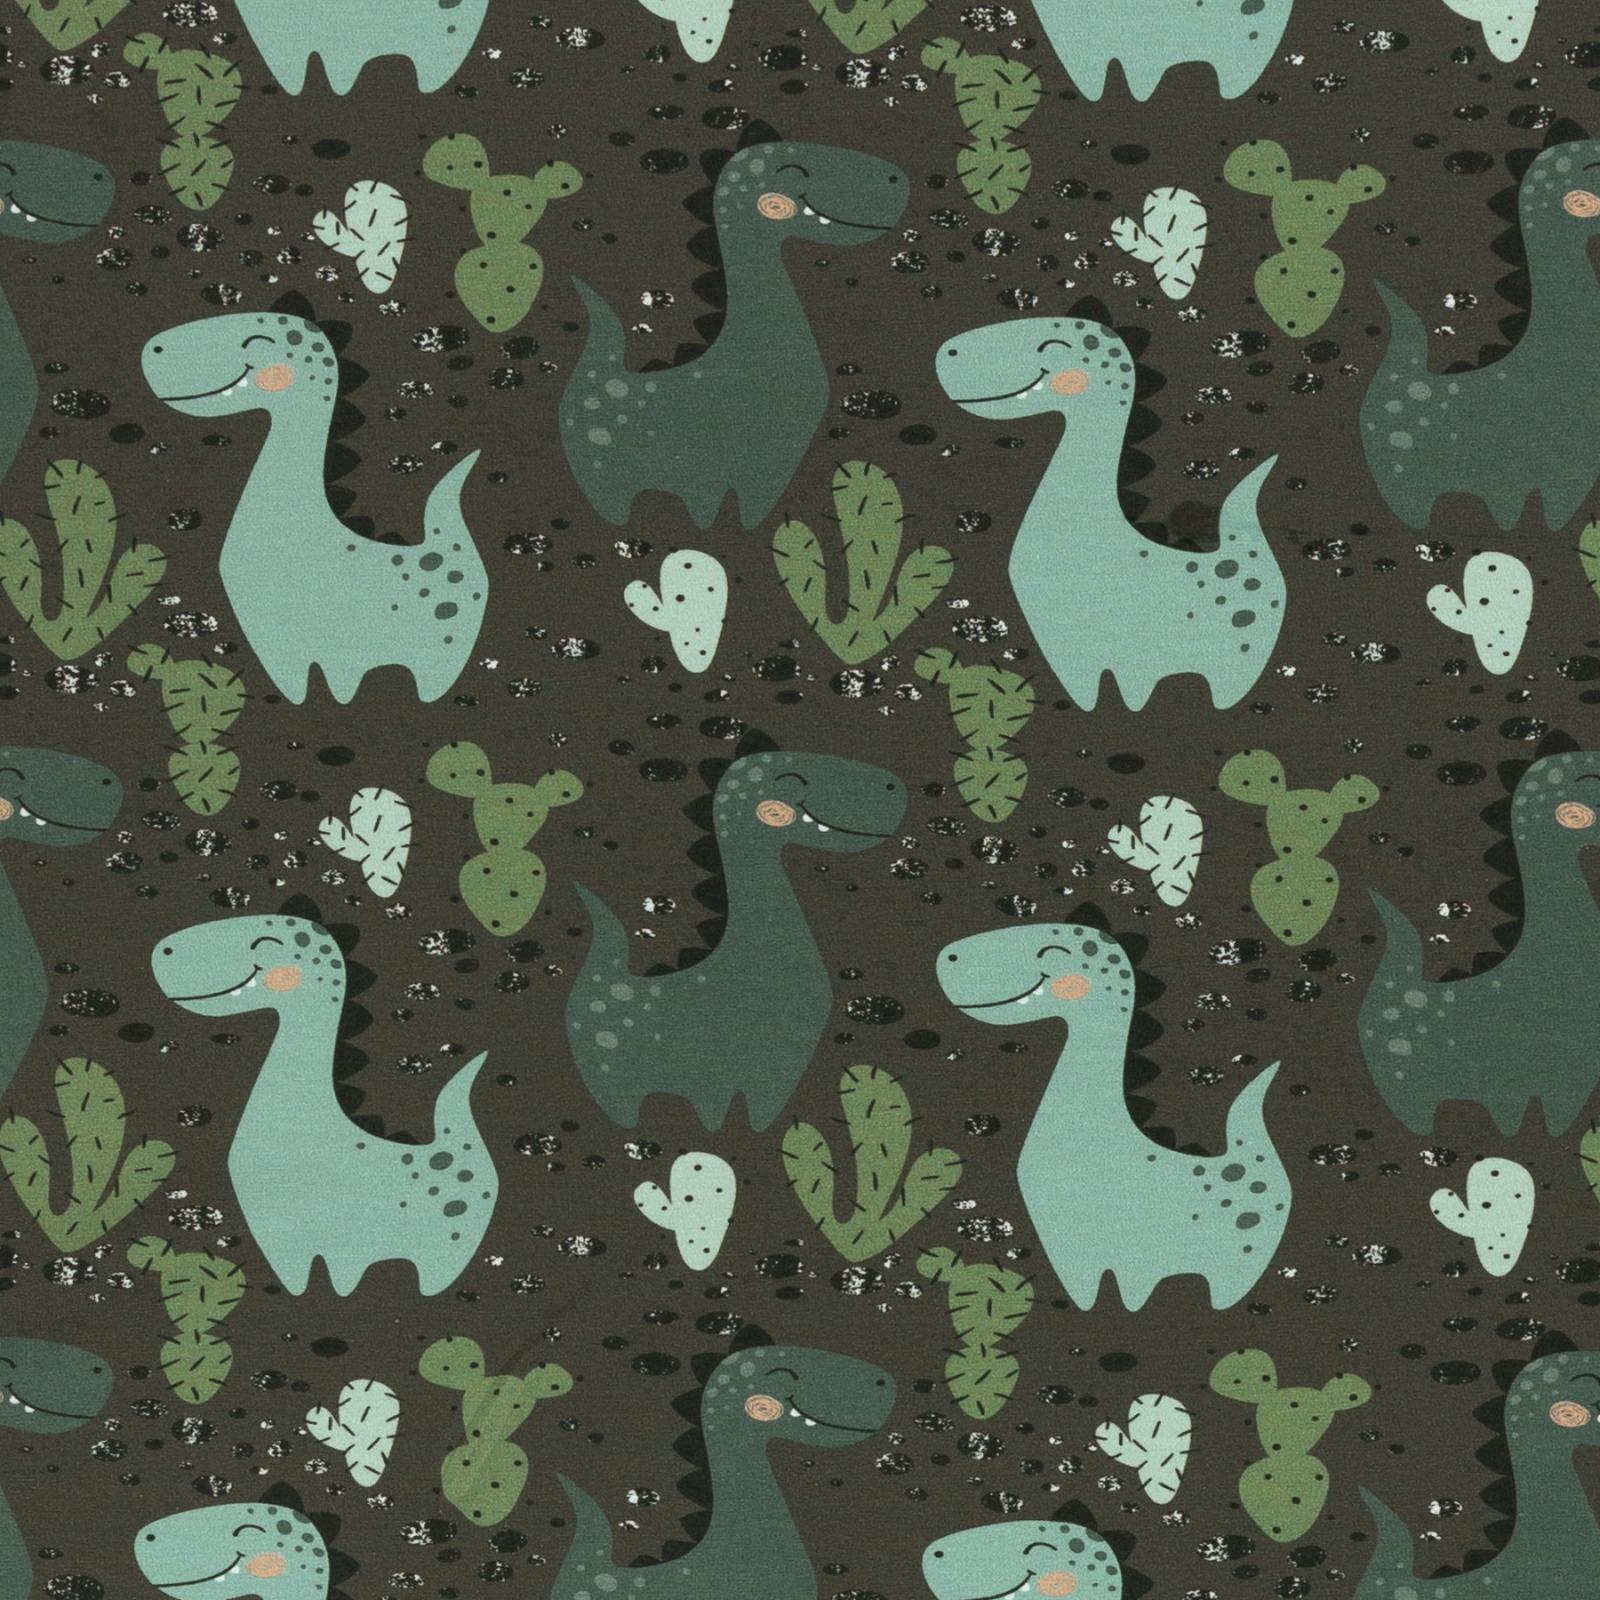 Sweat angeraut Dinosaurier grün Kakteen Swafing